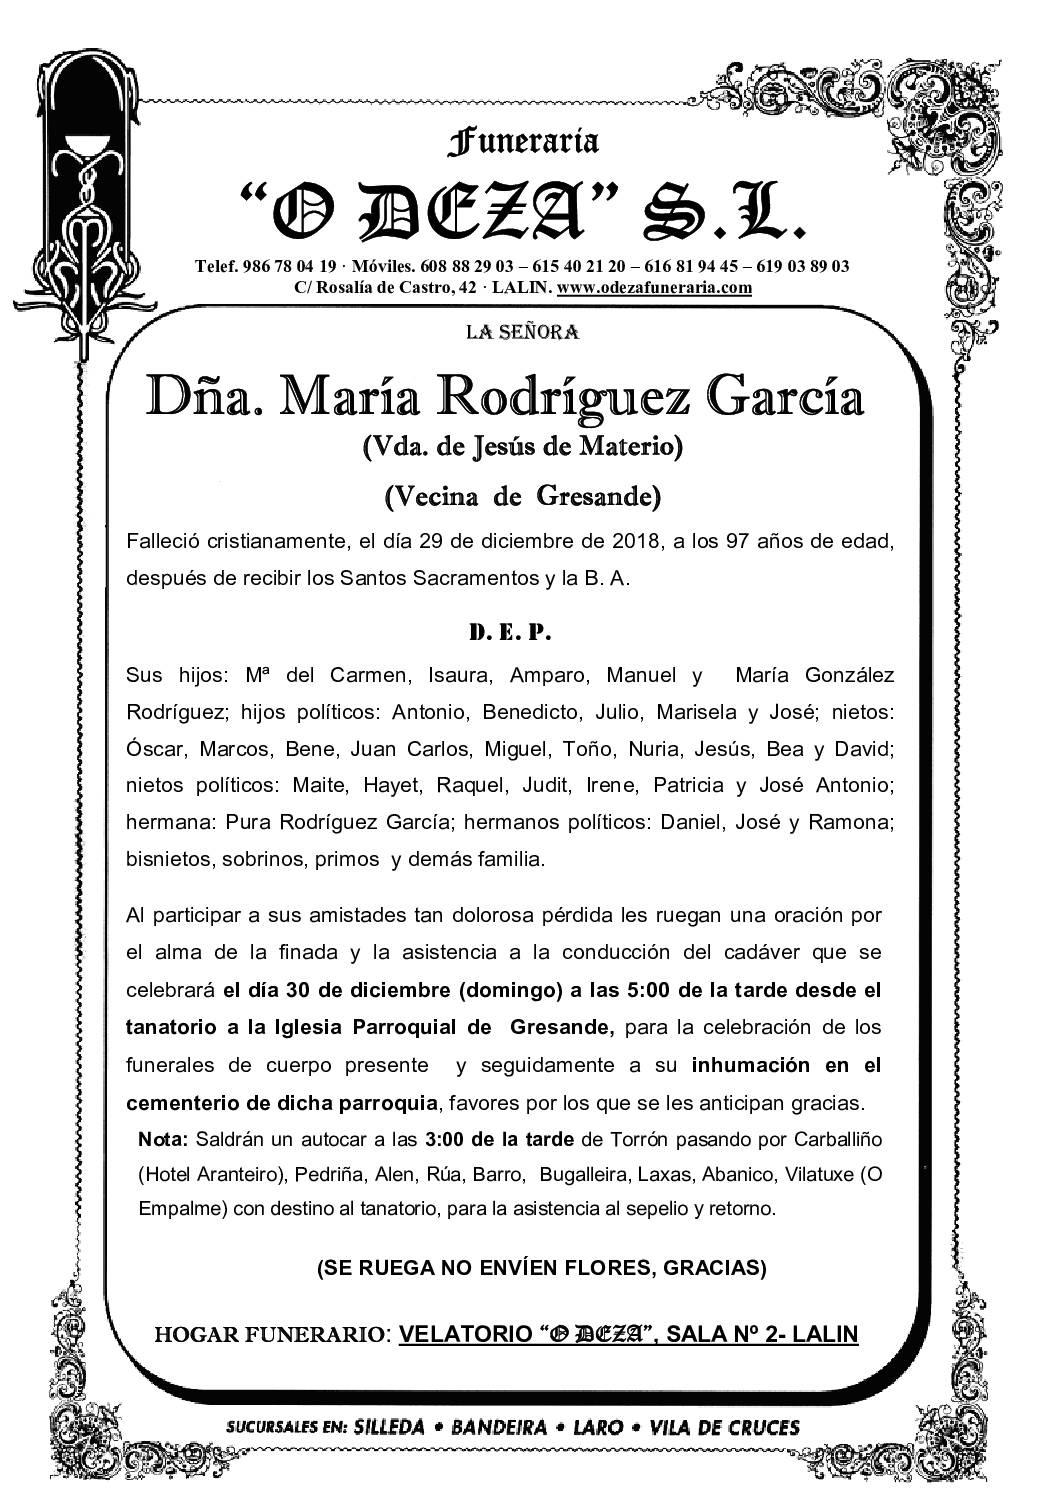 DÑA. MARÍA RODRÍGUEZ GARCÍA